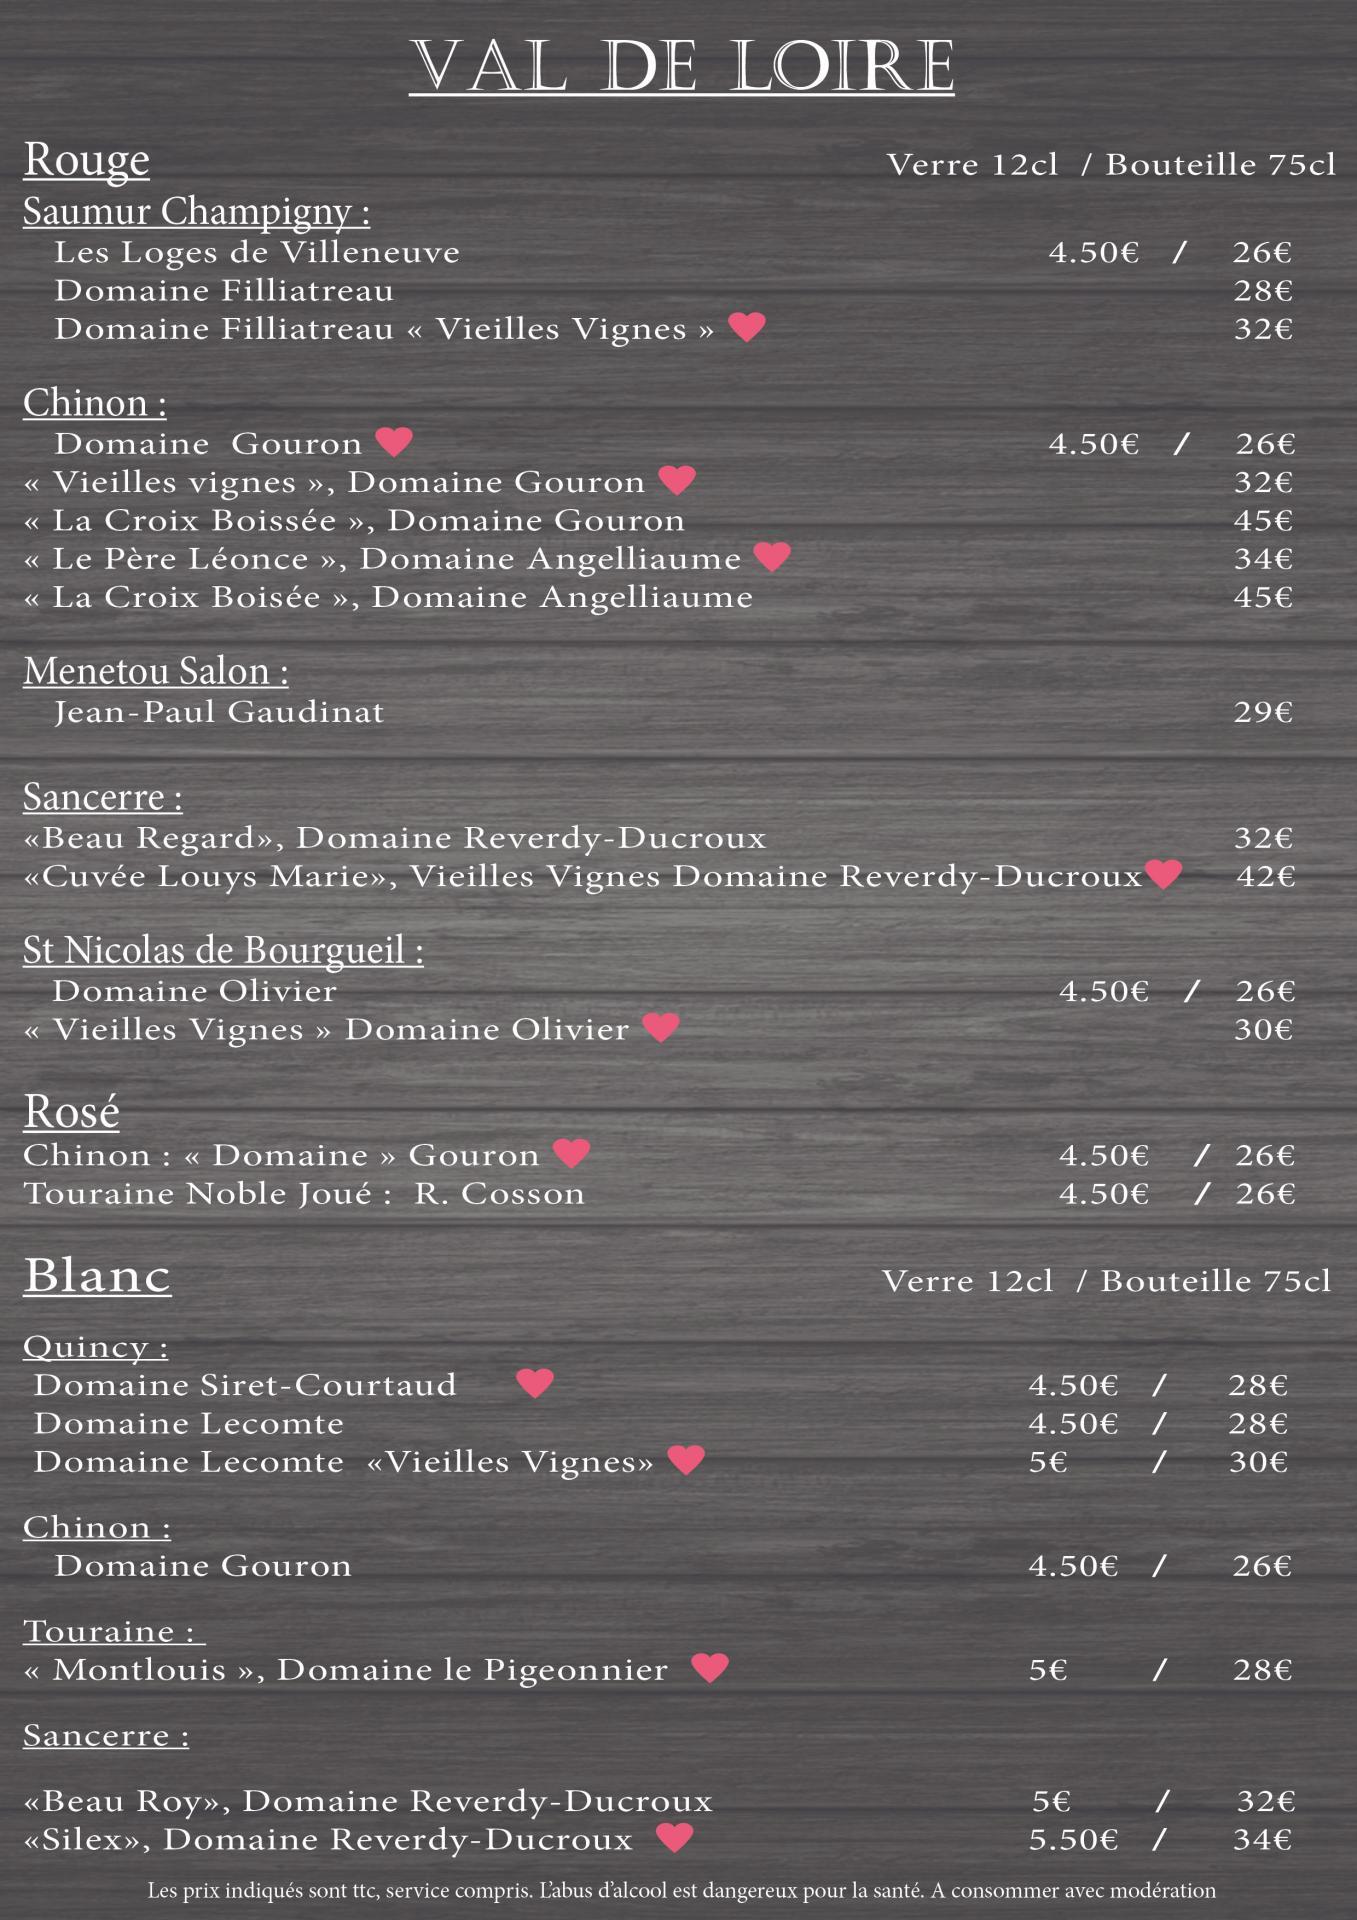 Carte des vins juil 2021 page 1